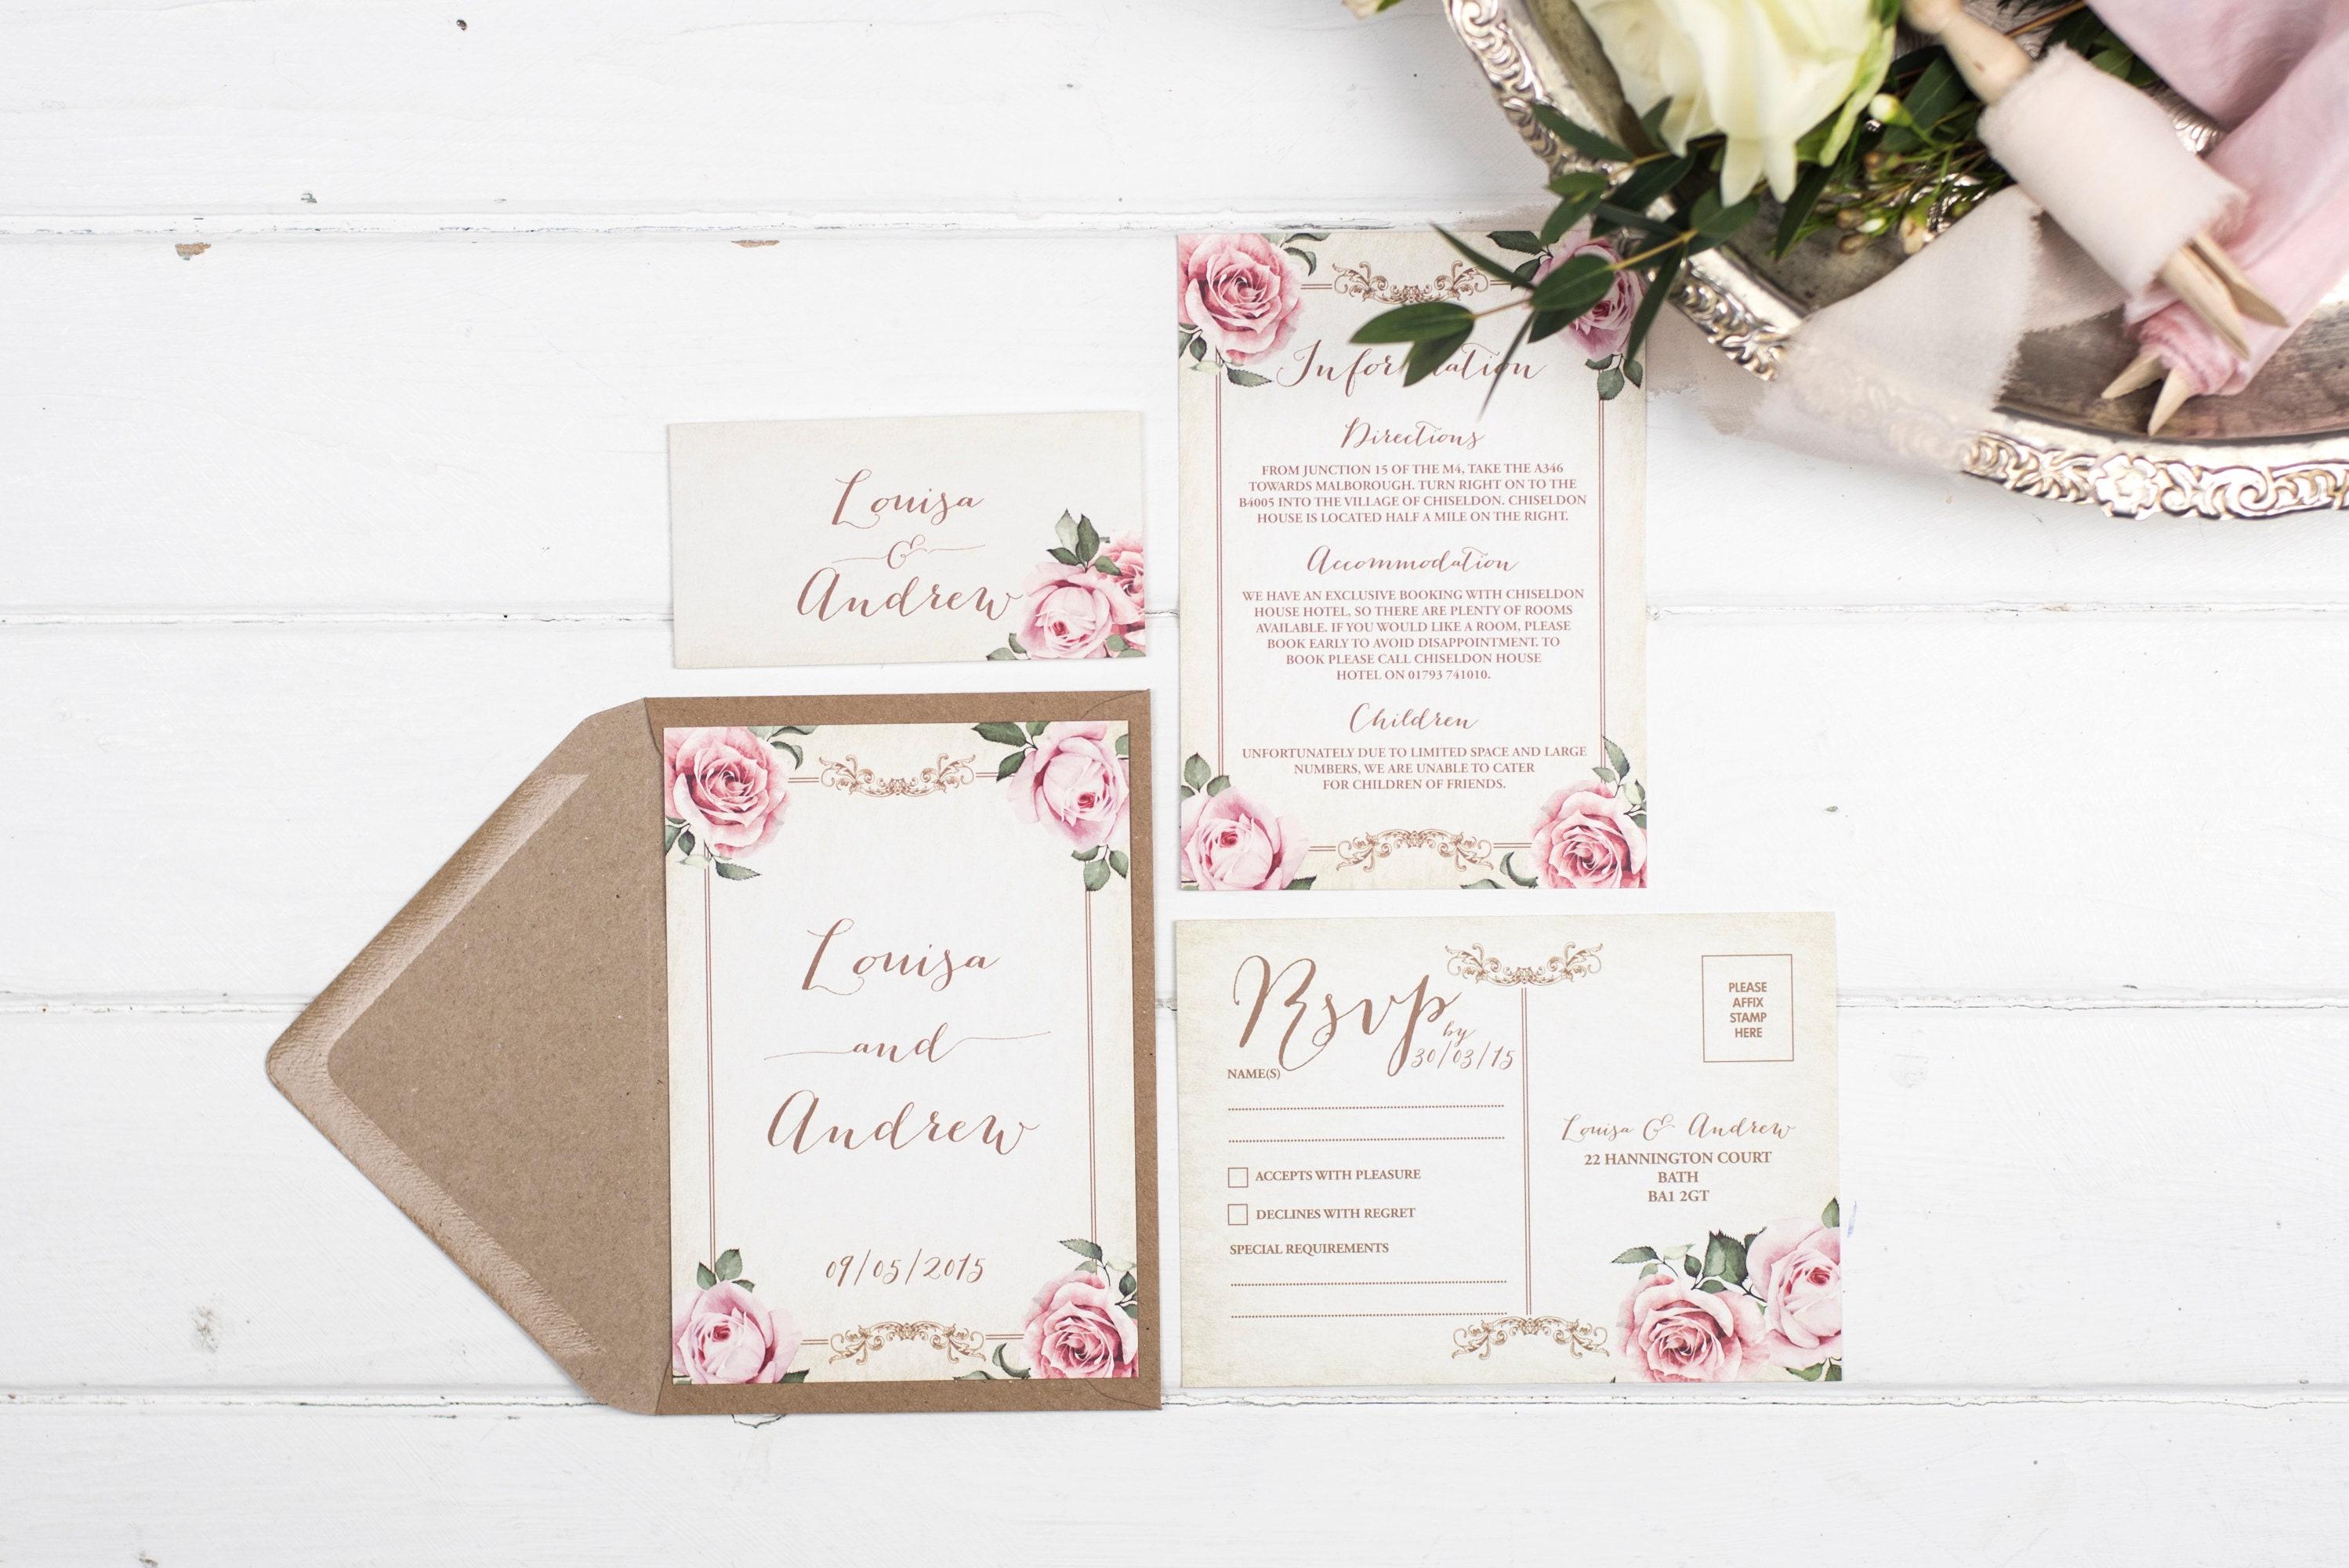 Vintage Wedding Invitation Set - A6 Ivory Floral Framed